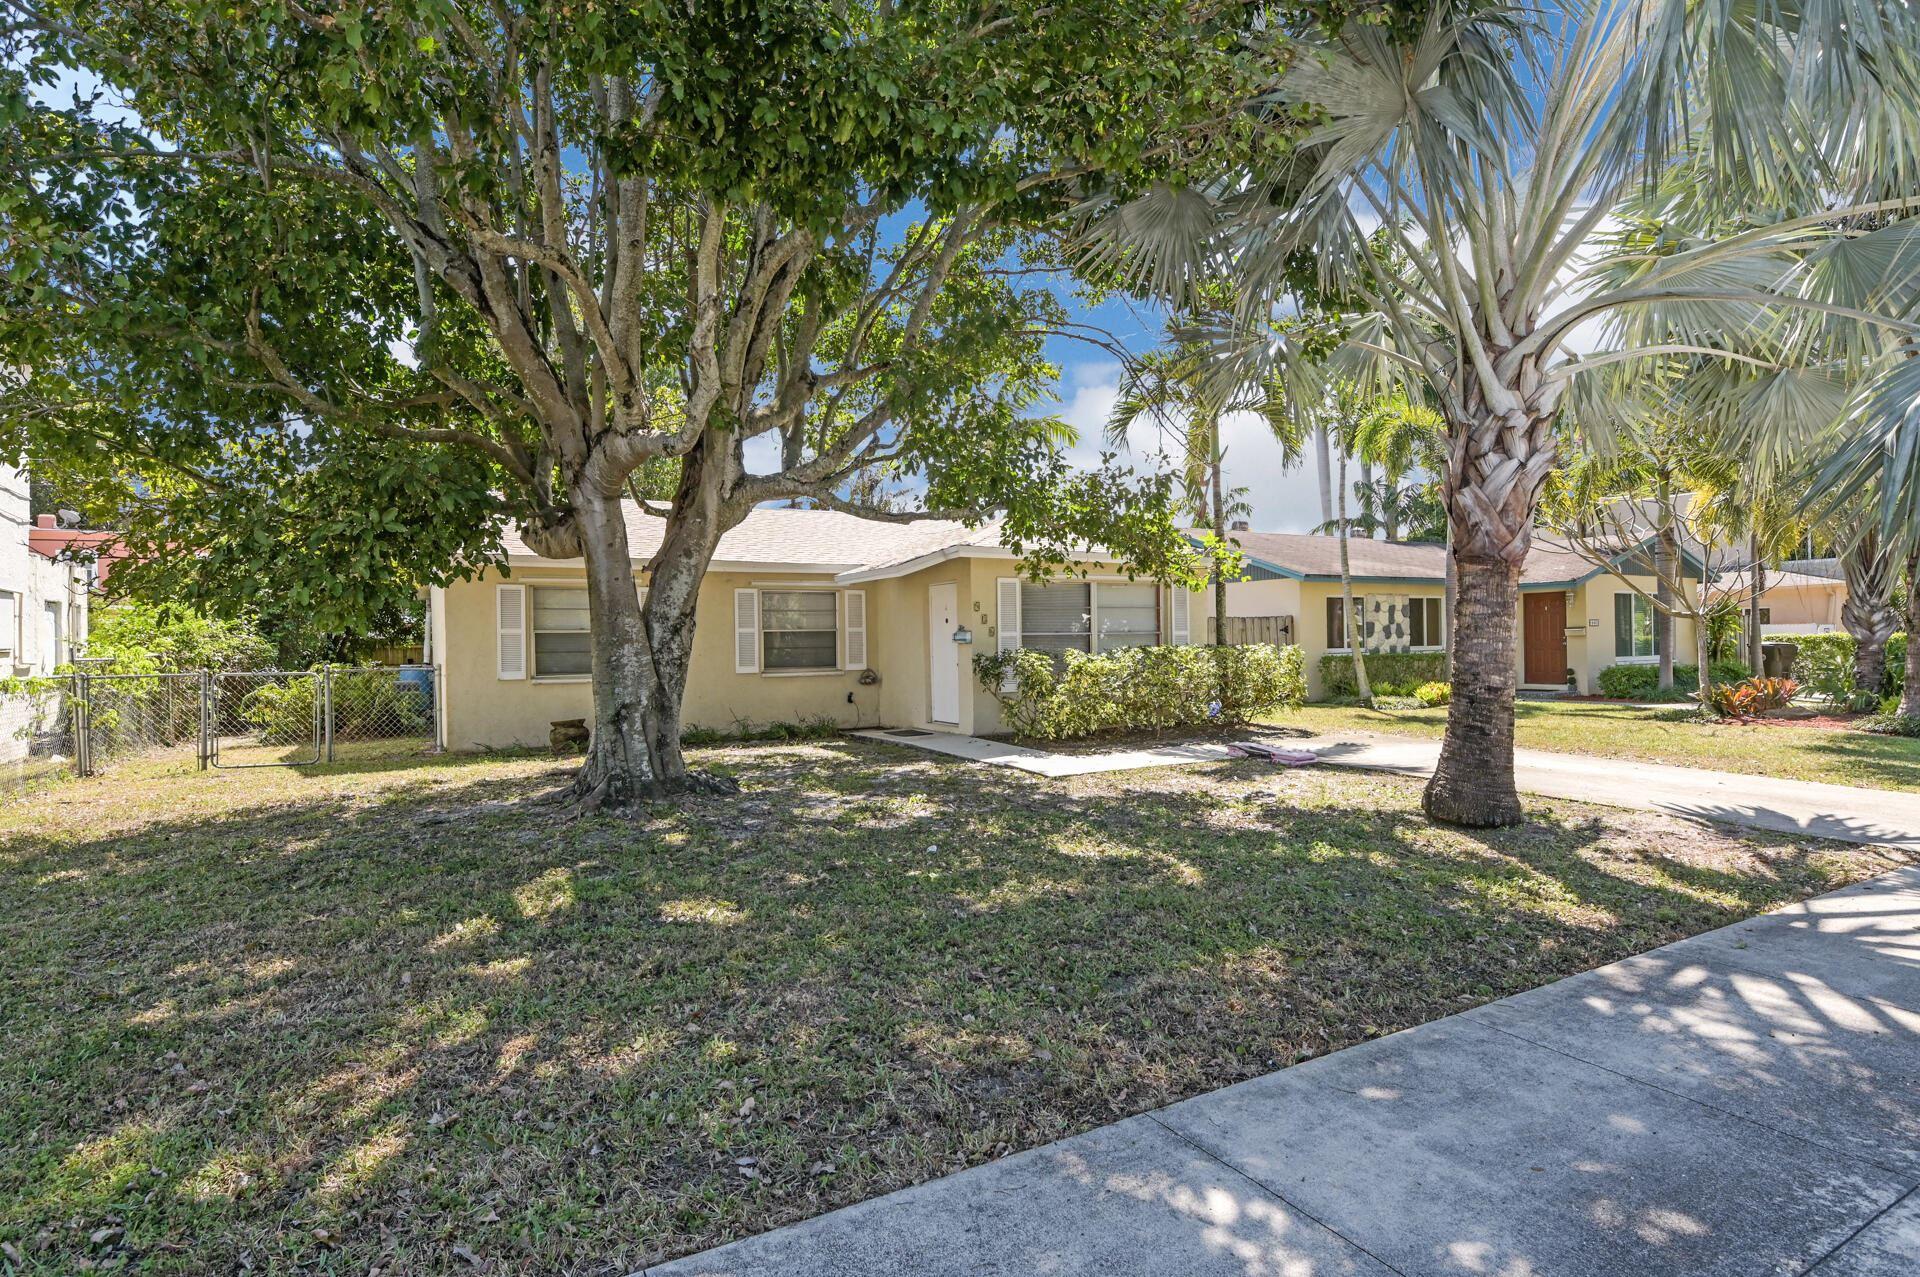 936 Ortega Road, West Palm Beach, FL 33405 - MLS#: RX-10700406